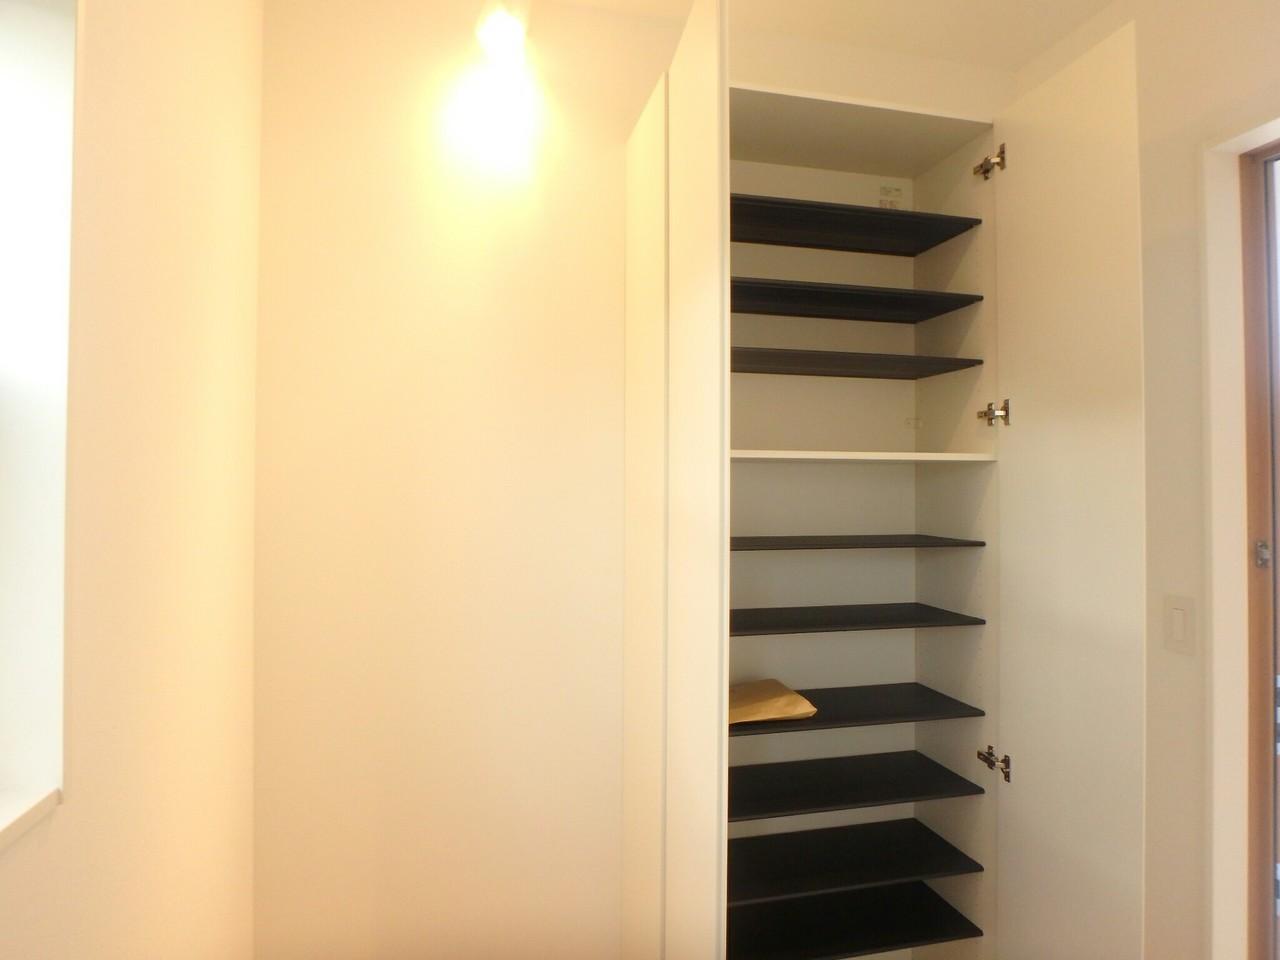 玄関に設置されているシューズクローゼットです。家族4~5人分の靴を収納できるほどの大きさになっています。